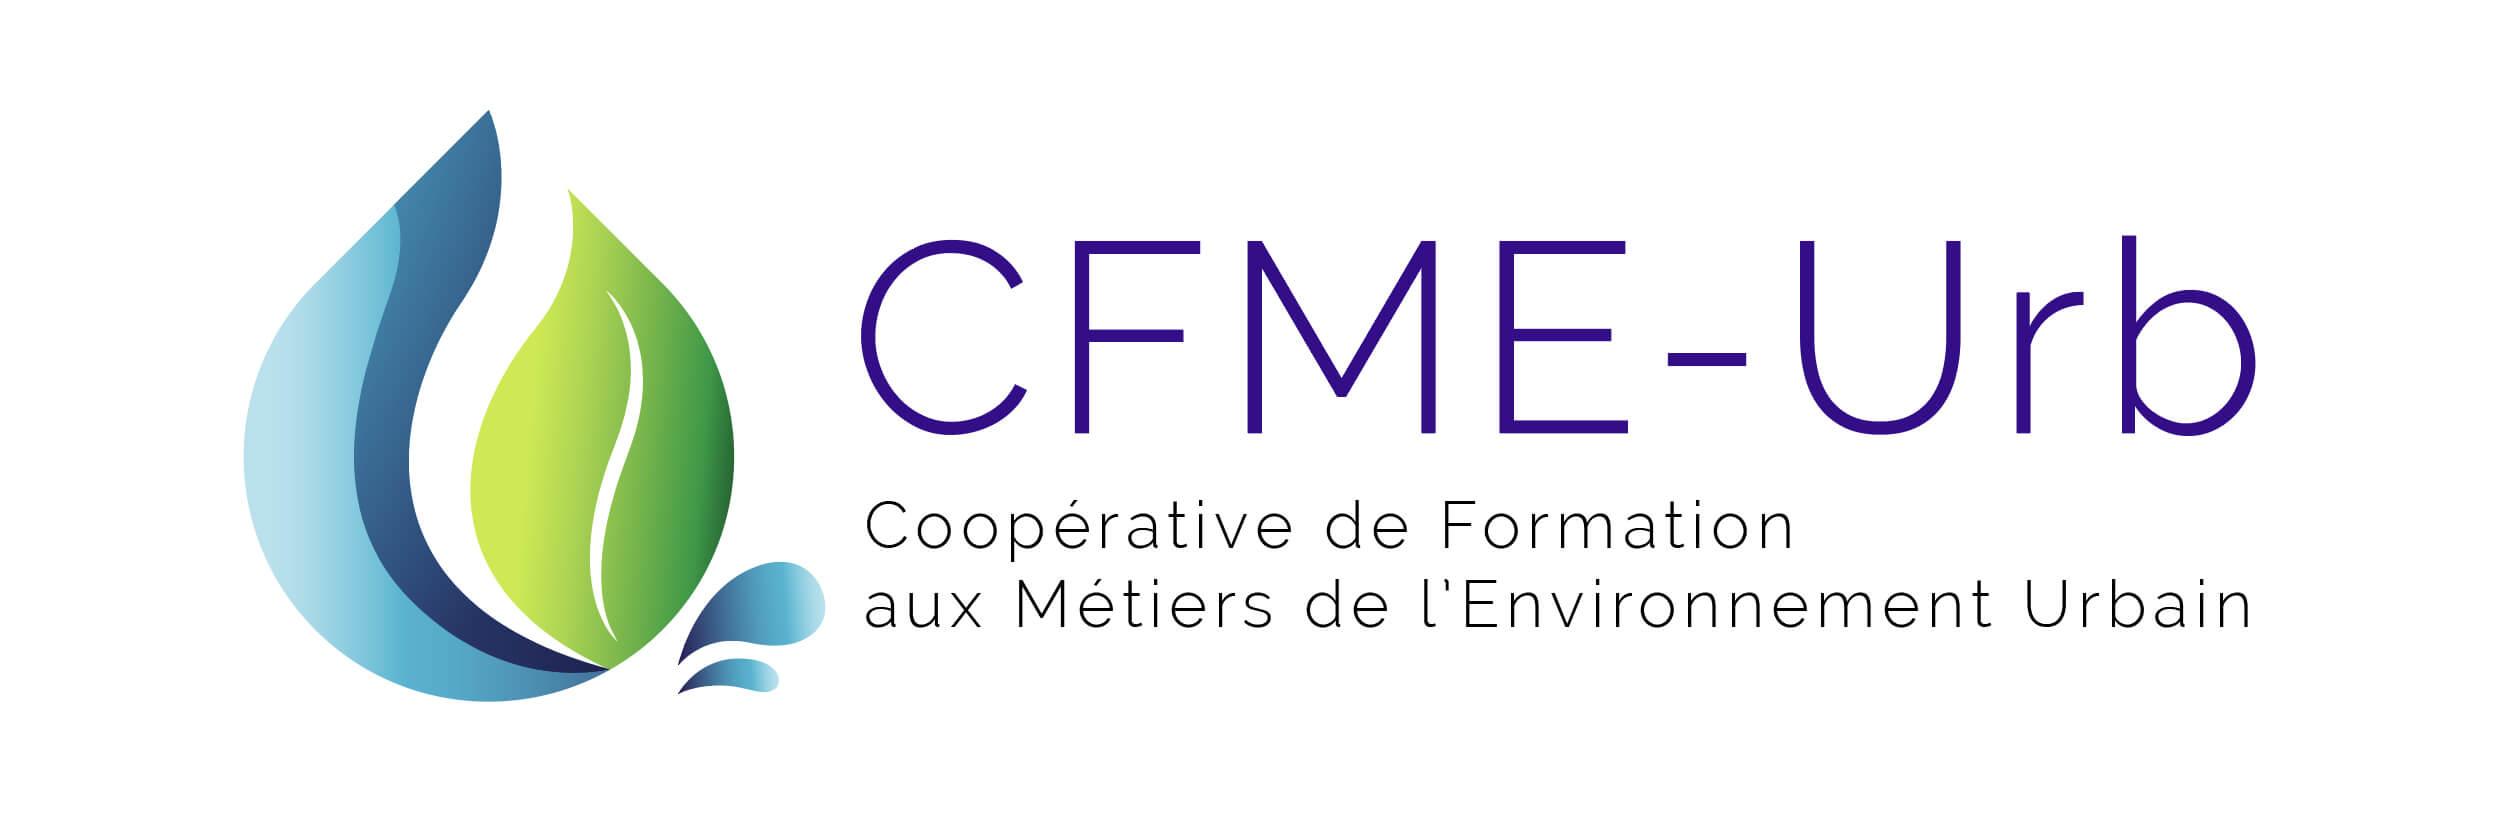 CFME-URB - Coopérative de formation